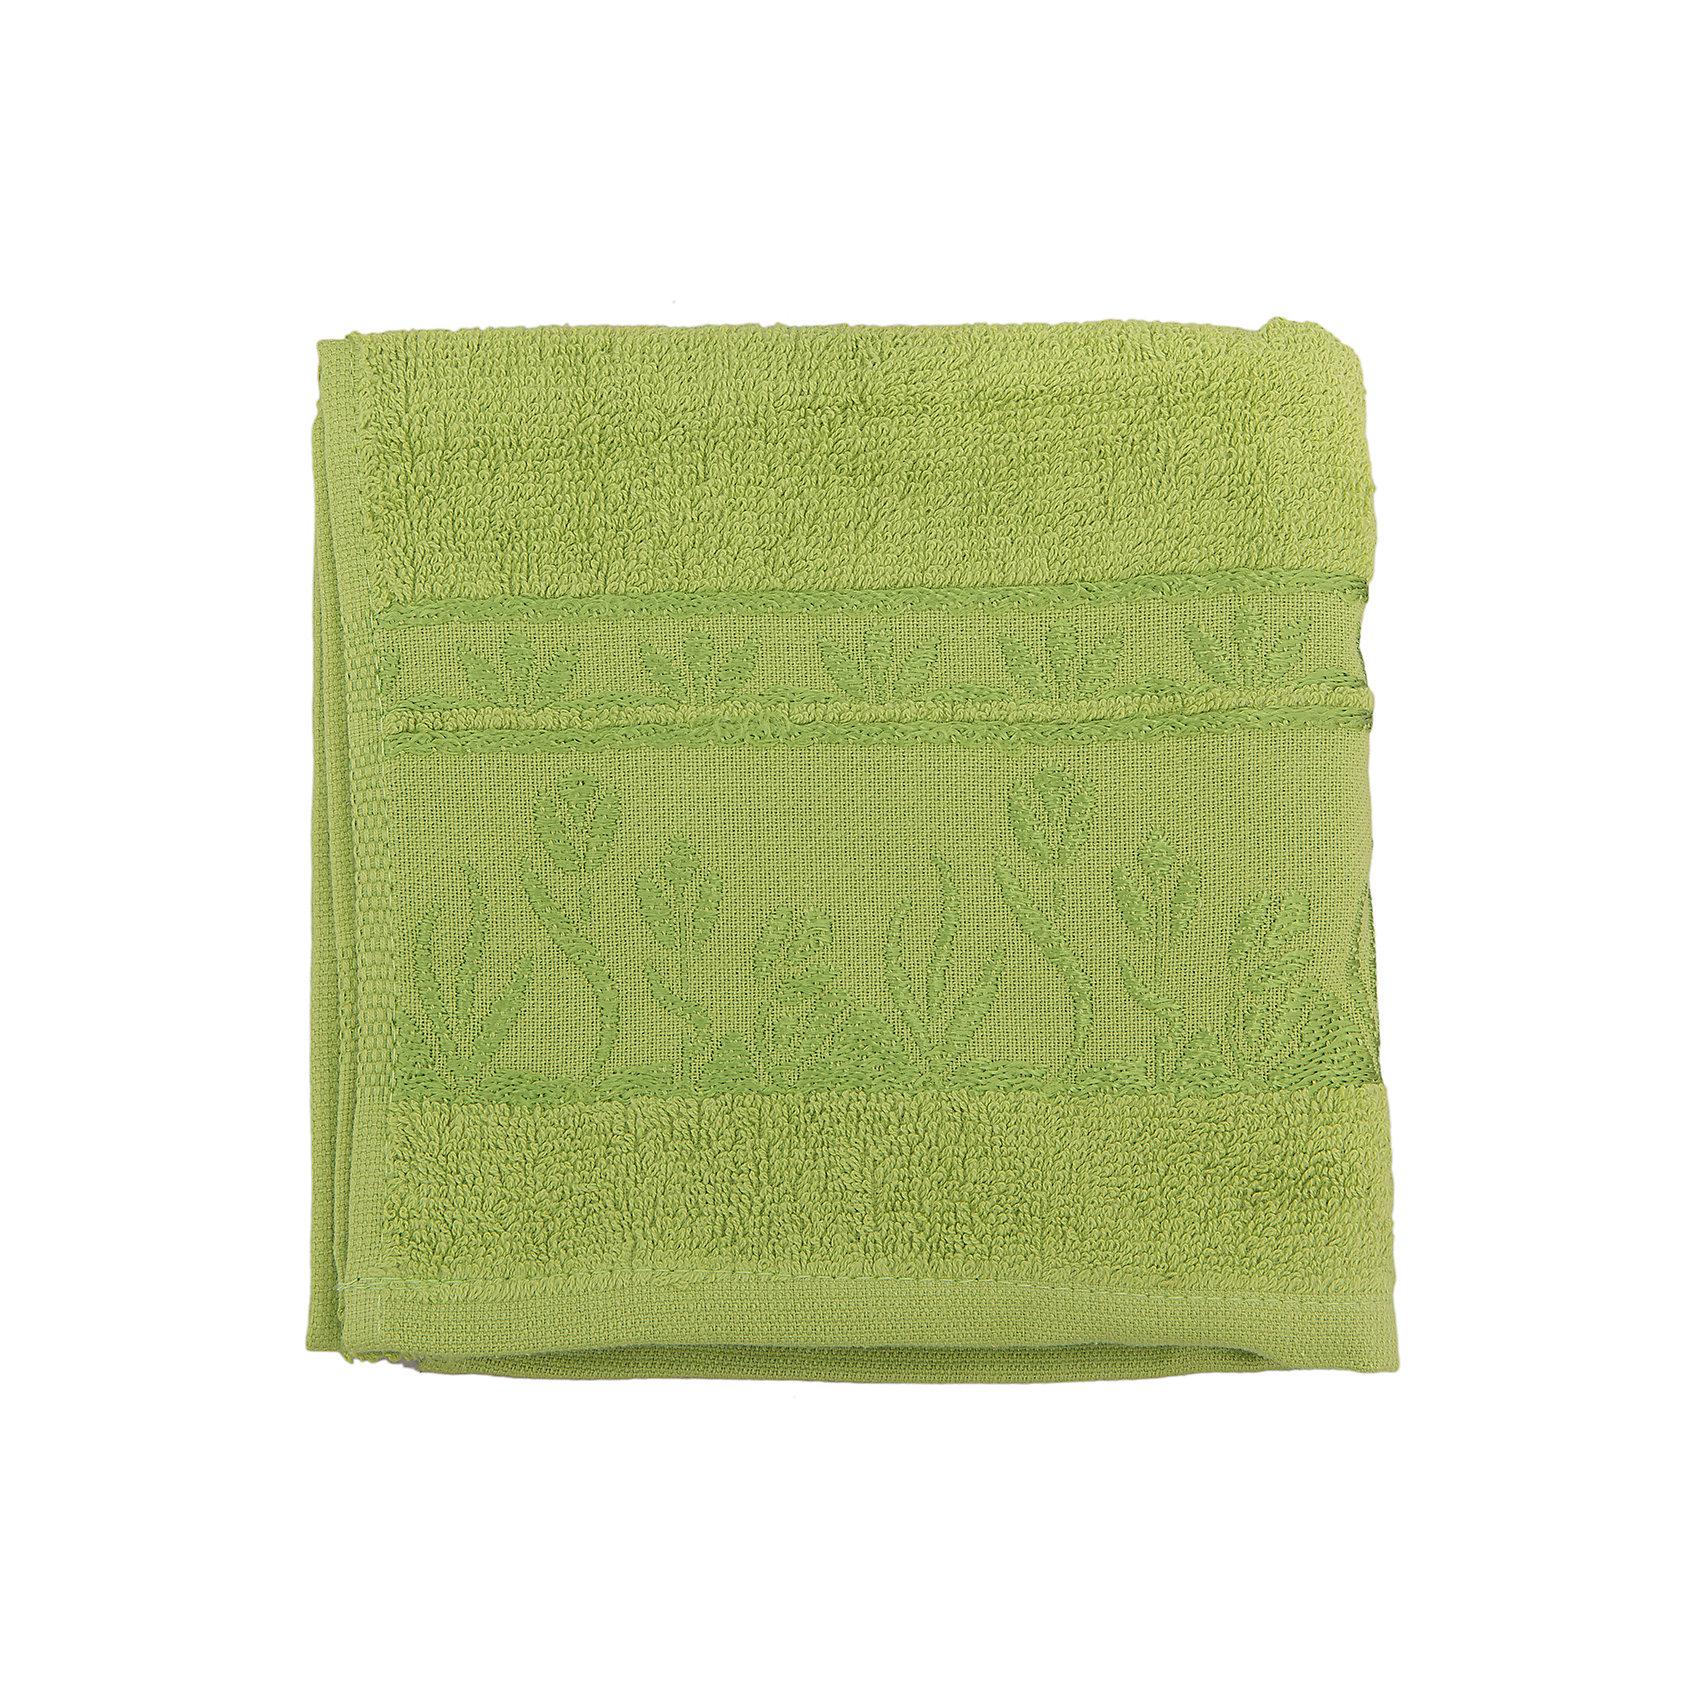 Полотенце махровое Tulips 40*75, Португалия, зеленыйTulips - махровое полотенце из натурального качественного хлопка. Она хорошо впитает влагу и подарит вам ощущение мягкости после водных процедур. Полотенце износостойкое и хорошо сохраняет цвет. Украшено жаккардовым узором. <br><br>Дополнительная информация:<br>Материал: 100% хлопок<br>Плотность: 500 г/м2<br>Размер: 40х75 см<br>Цвет: зеленый<br>Торговая марка: Португалия<br><br>Вы можете приобрести махровое полотенце Tulips  в нашем интернет-магазине.<br><br>Ширина мм: 500<br>Глубина мм: 500<br>Высота мм: 200<br>Вес г: 200<br>Возраст от месяцев: 0<br>Возраст до месяцев: 144<br>Пол: Унисекс<br>Возраст: Детский<br>SKU: 5010934